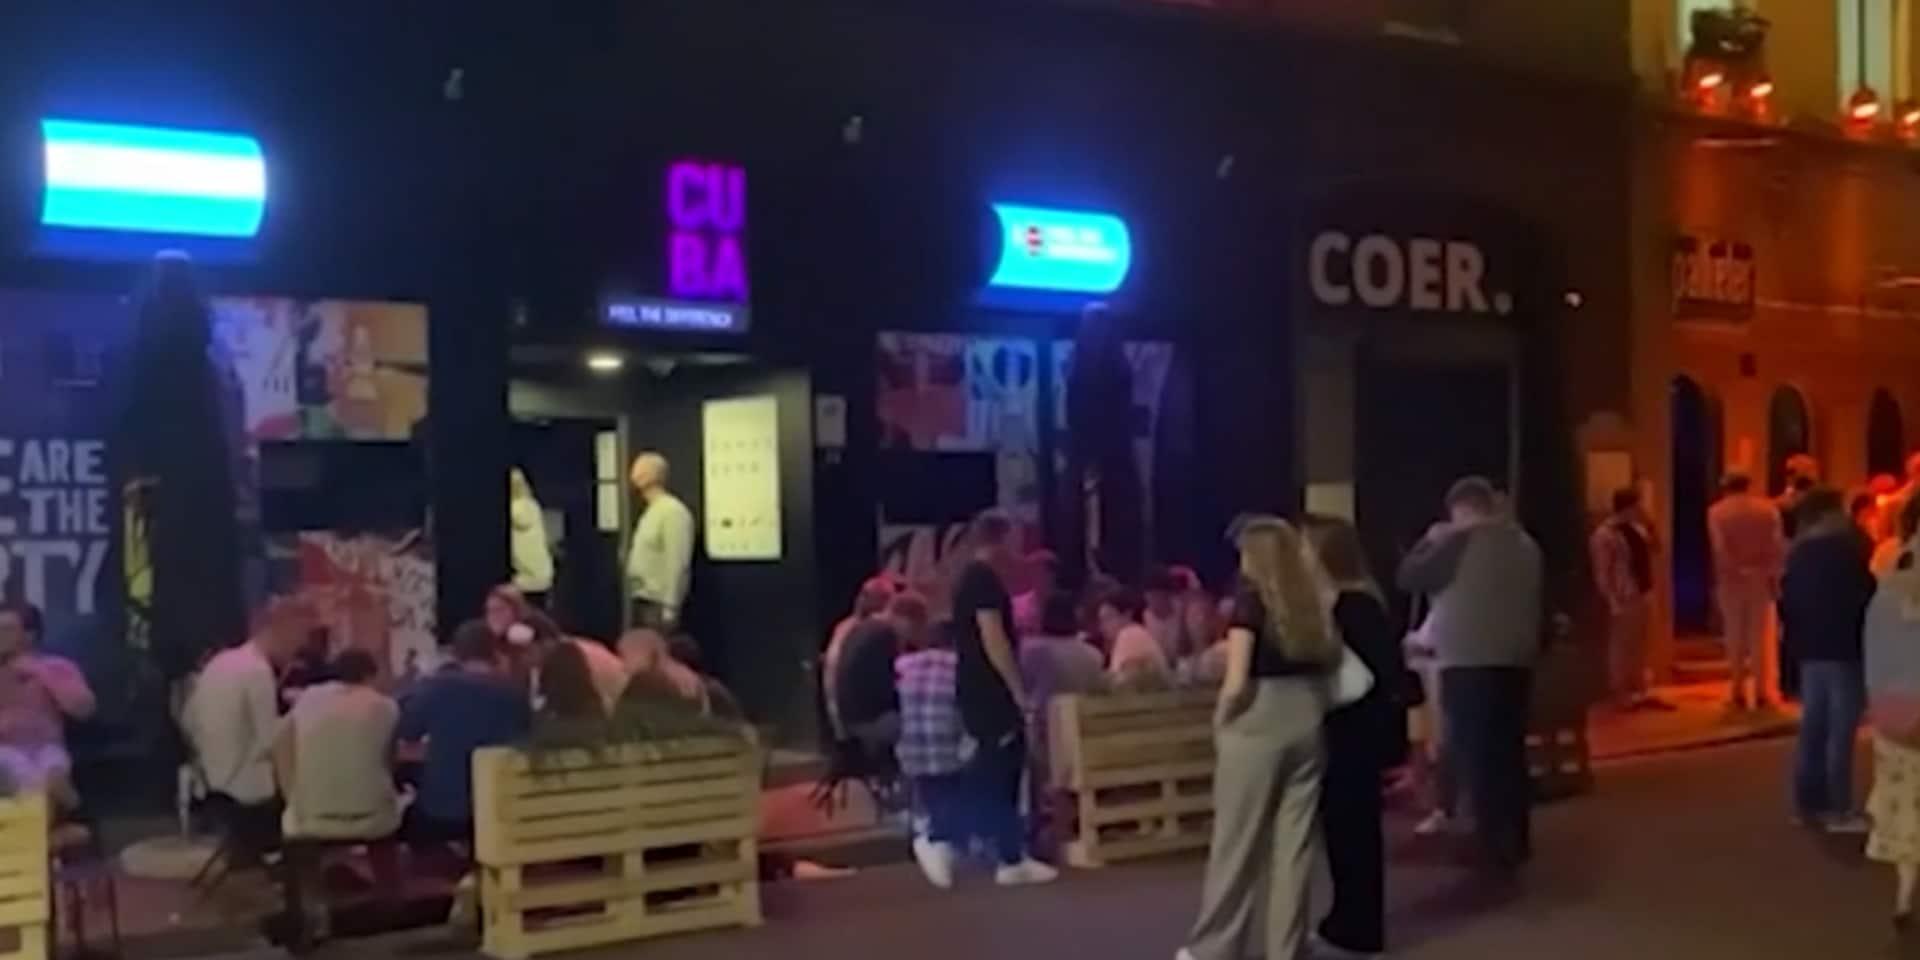 """Une soirée étudiante à Gand dégénère, la police et le recteur interviennent: """"Les étudiants doivent prendre leurs responsabilités"""""""